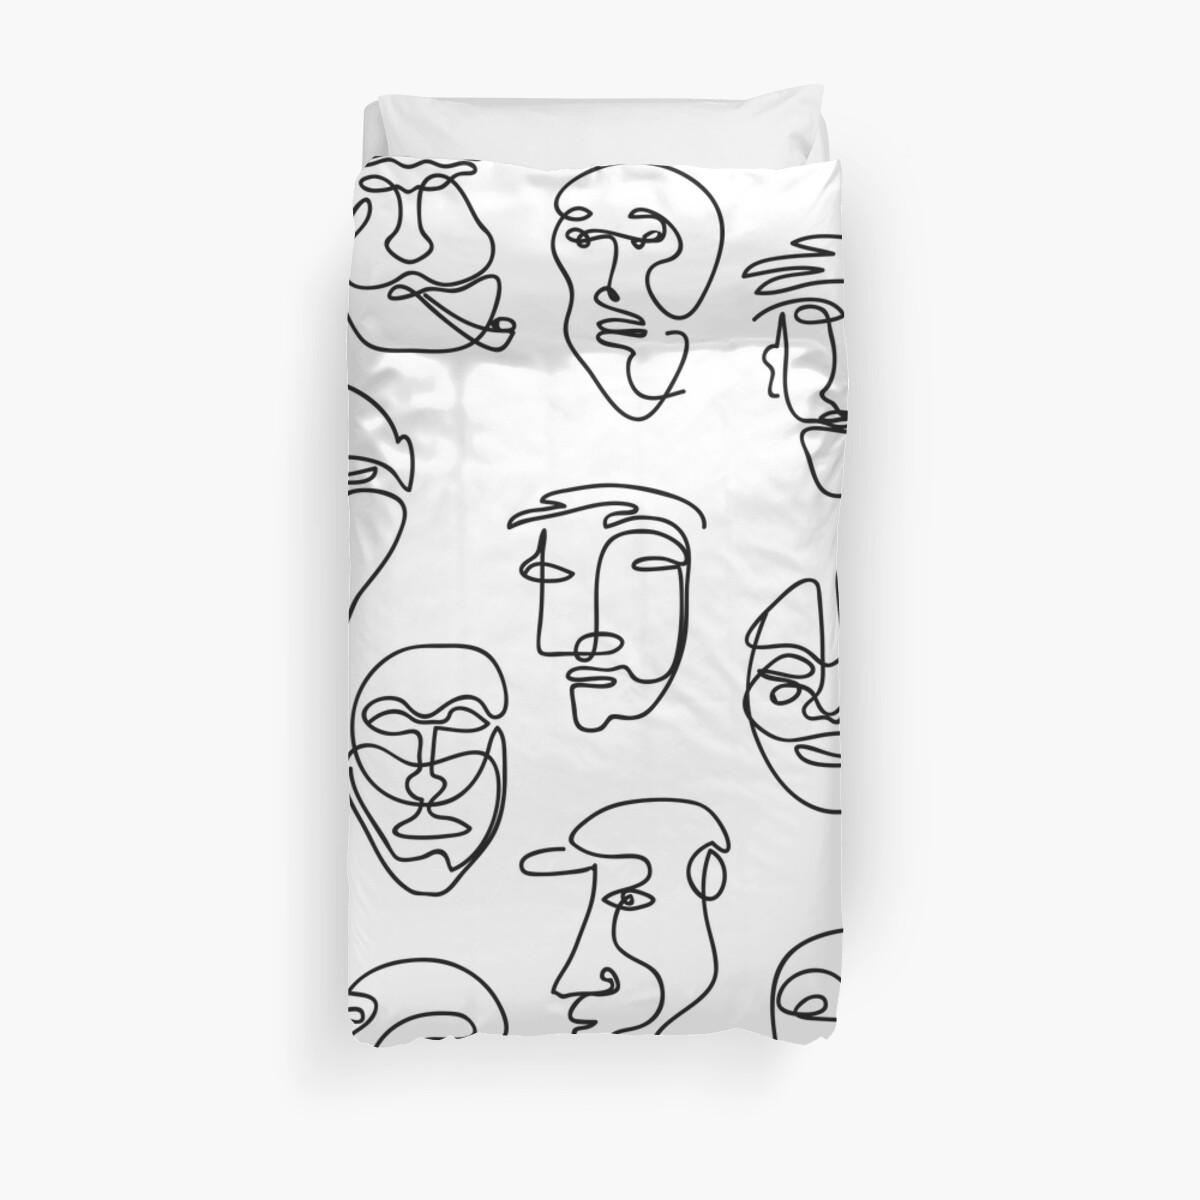 Einzellinie Gesicht Design Pattern von bicone